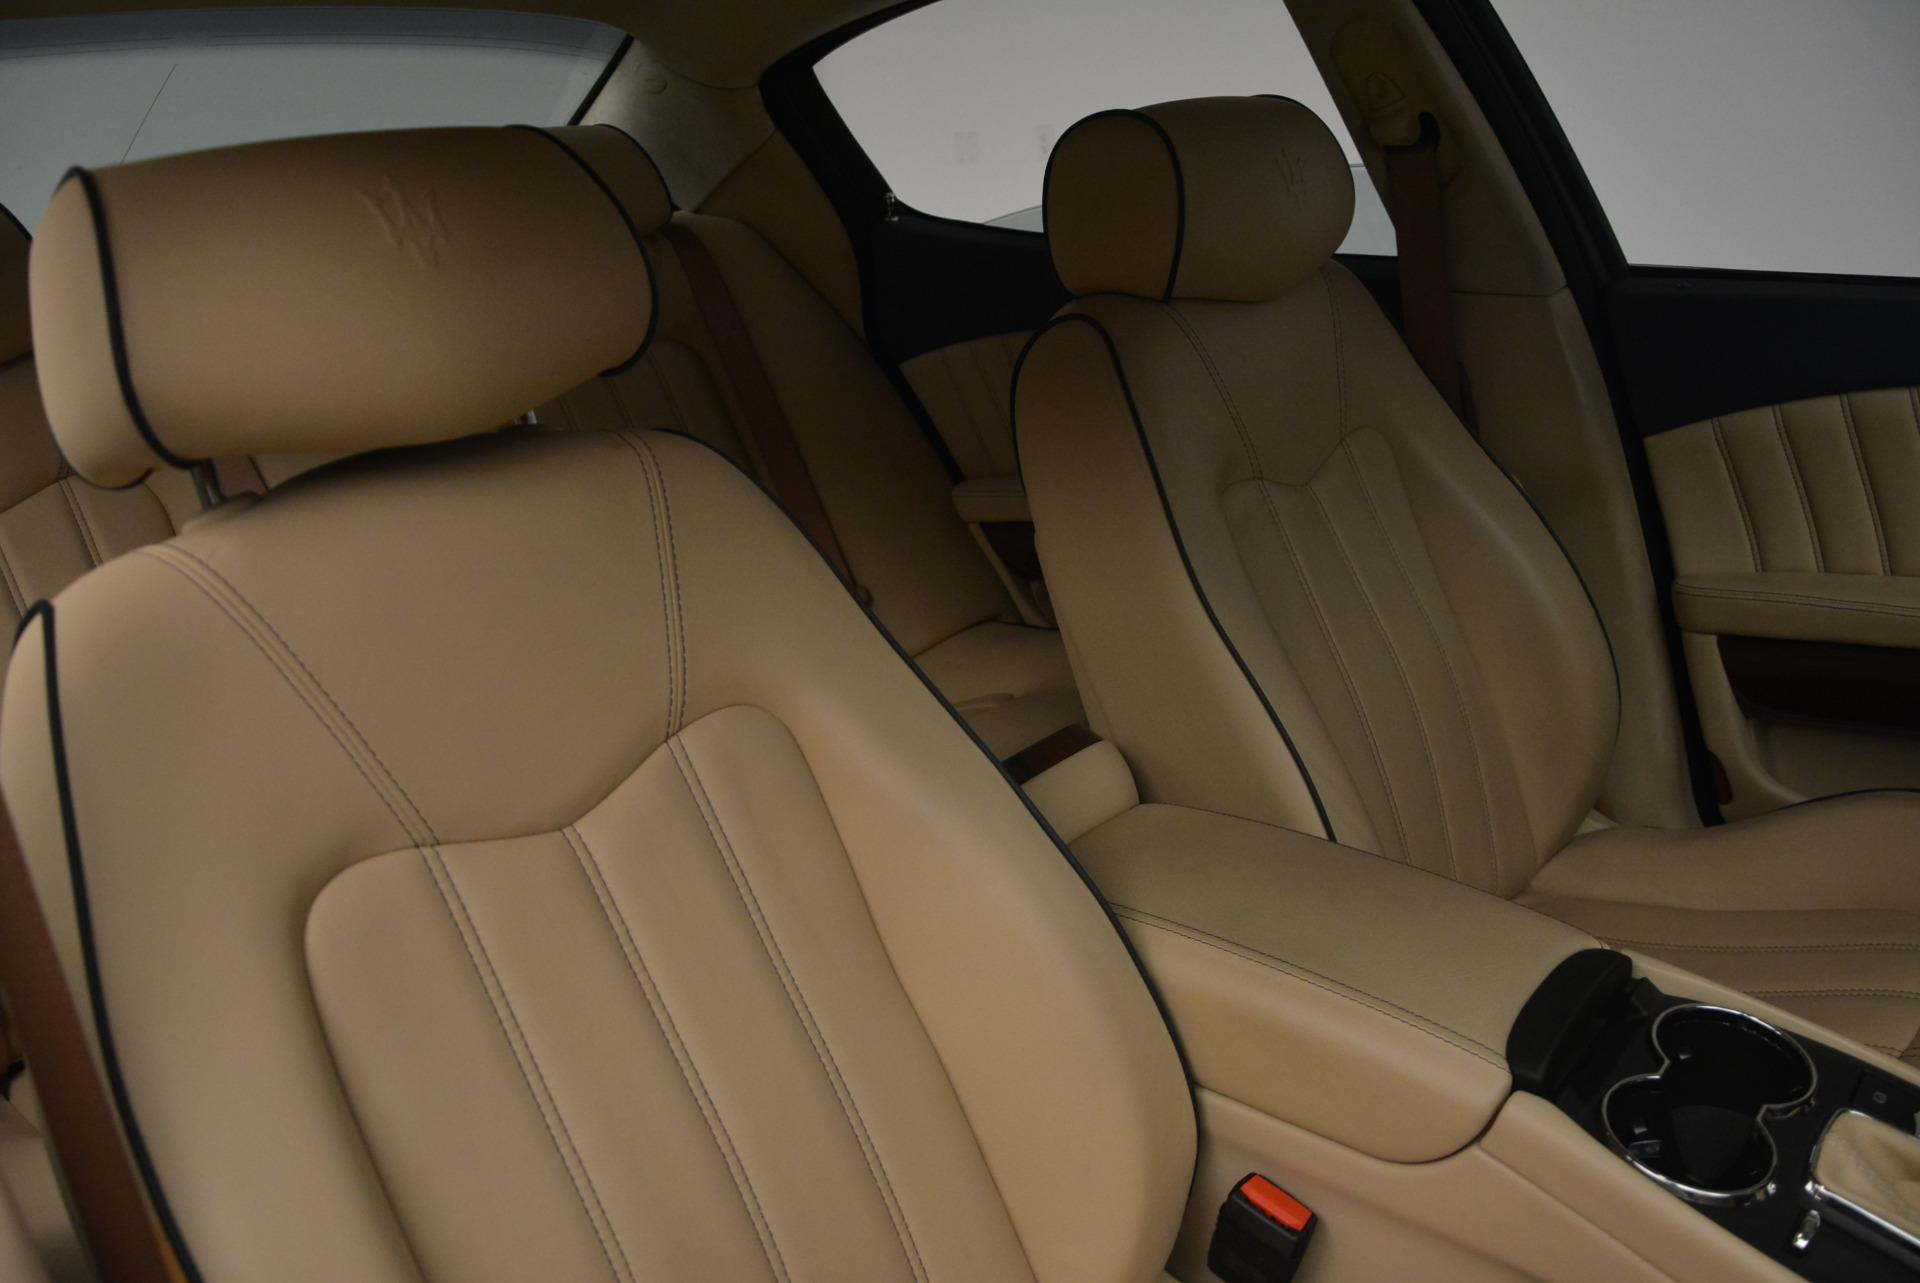 Used 2010 Maserati Quattroporte S For Sale In Greenwich, CT. Alfa Romeo of Greenwich, 1267 795_p17